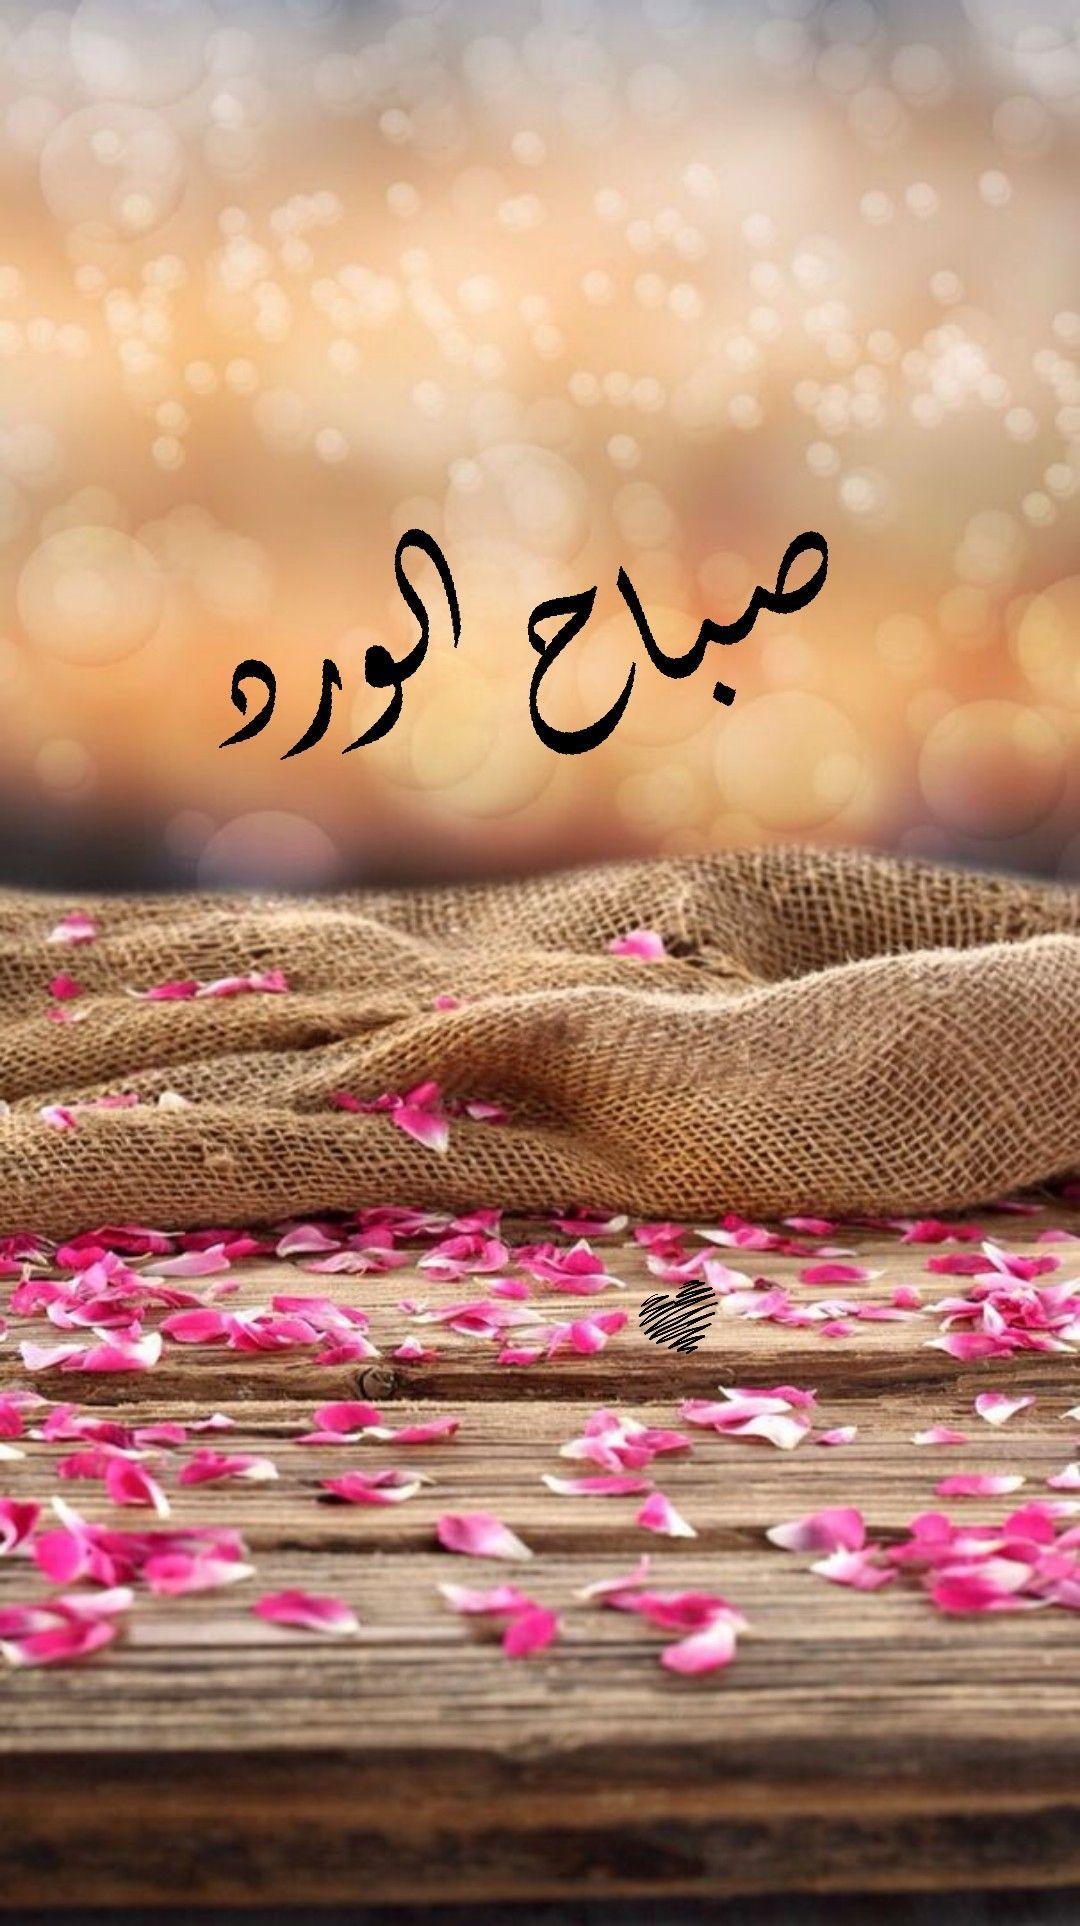 صورة حبيبي صباح الخير كلمات, احلى صباح عليك 725 4